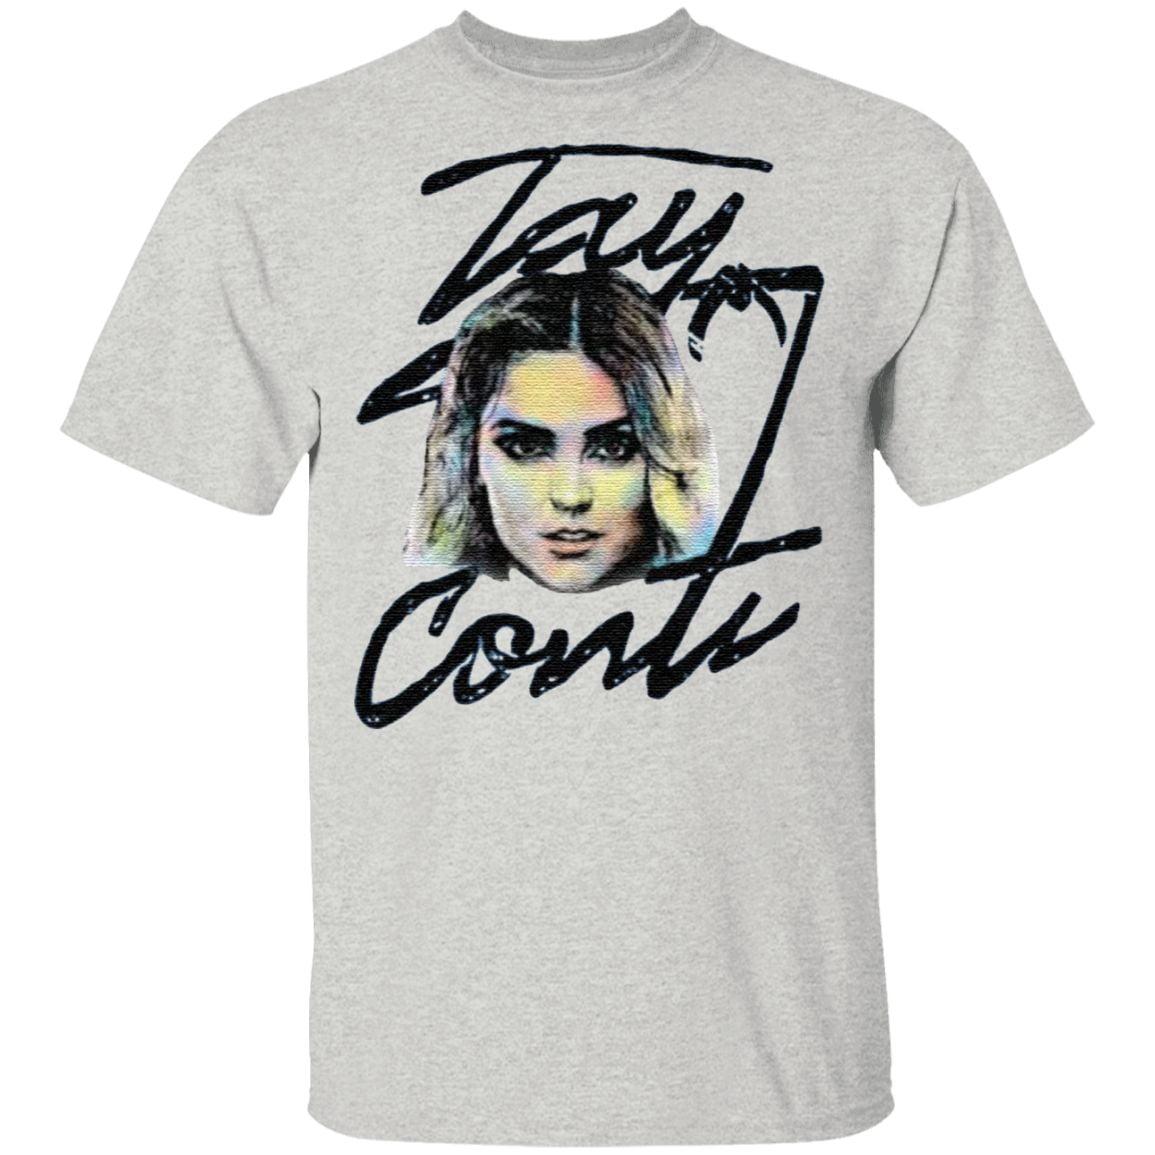 Tay Conti TShirt